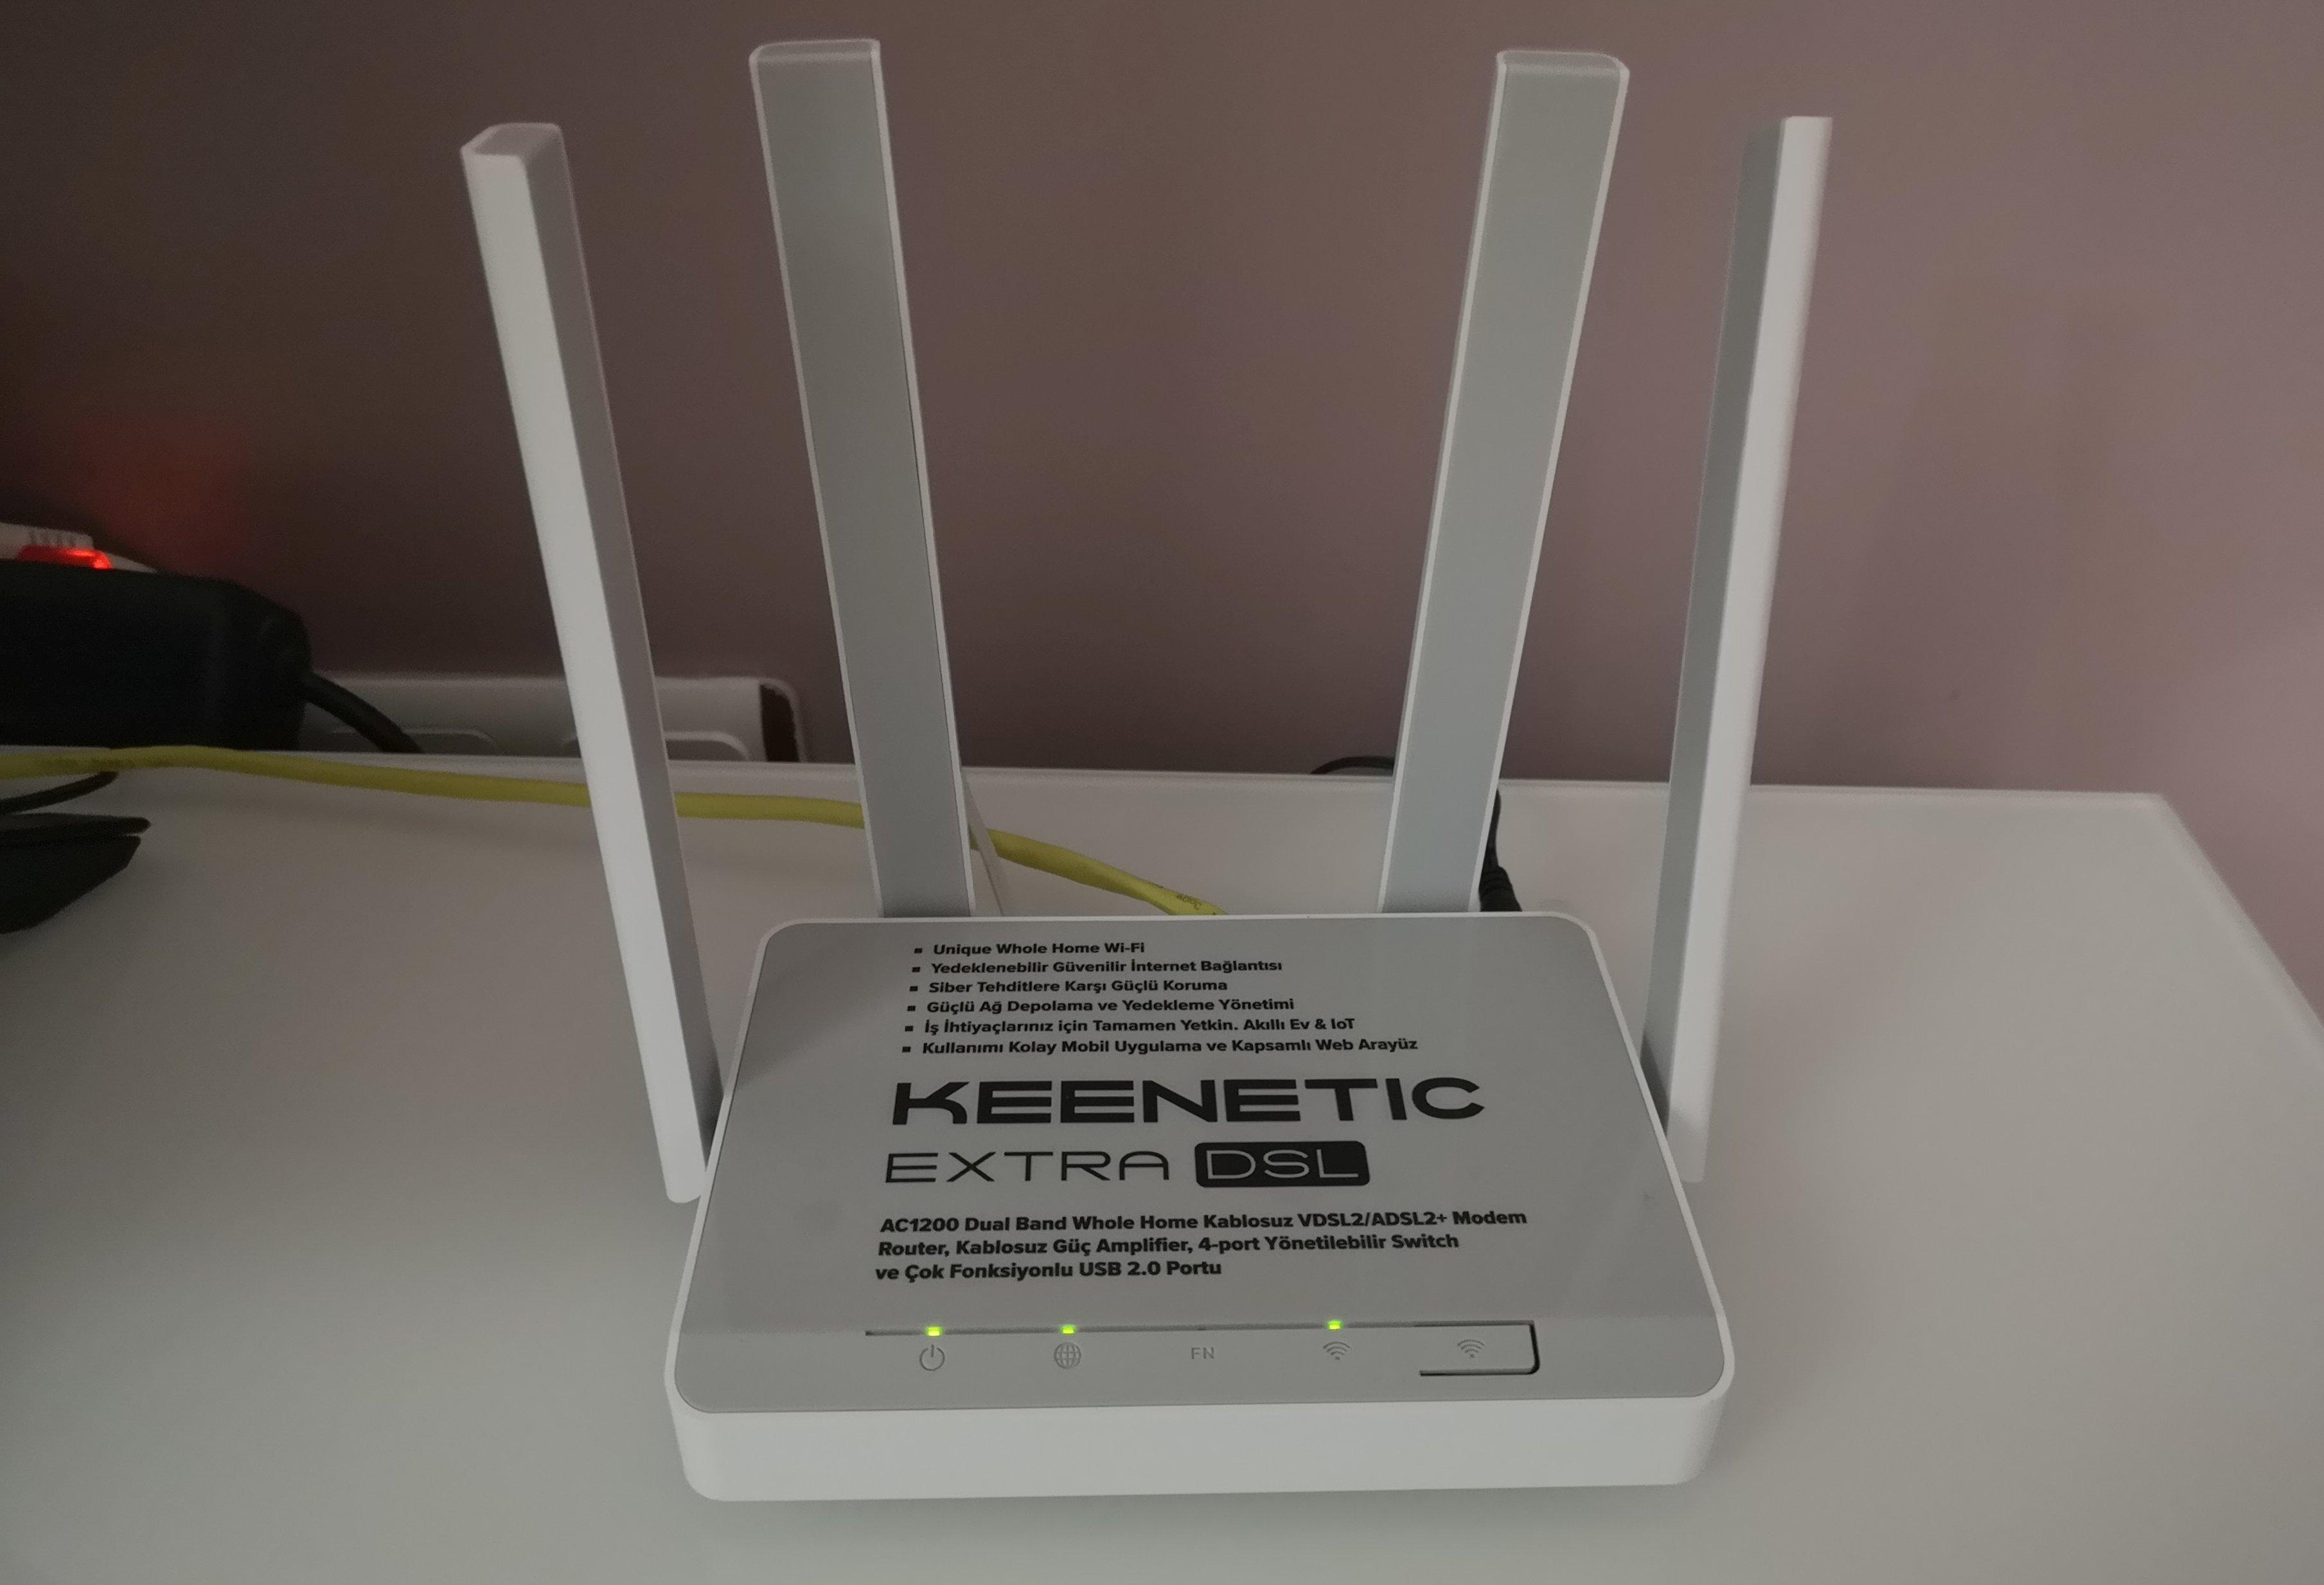 Keenetic Extra DSL geniş kapsama alanıyla dikkat çekiyor - MediaTrend